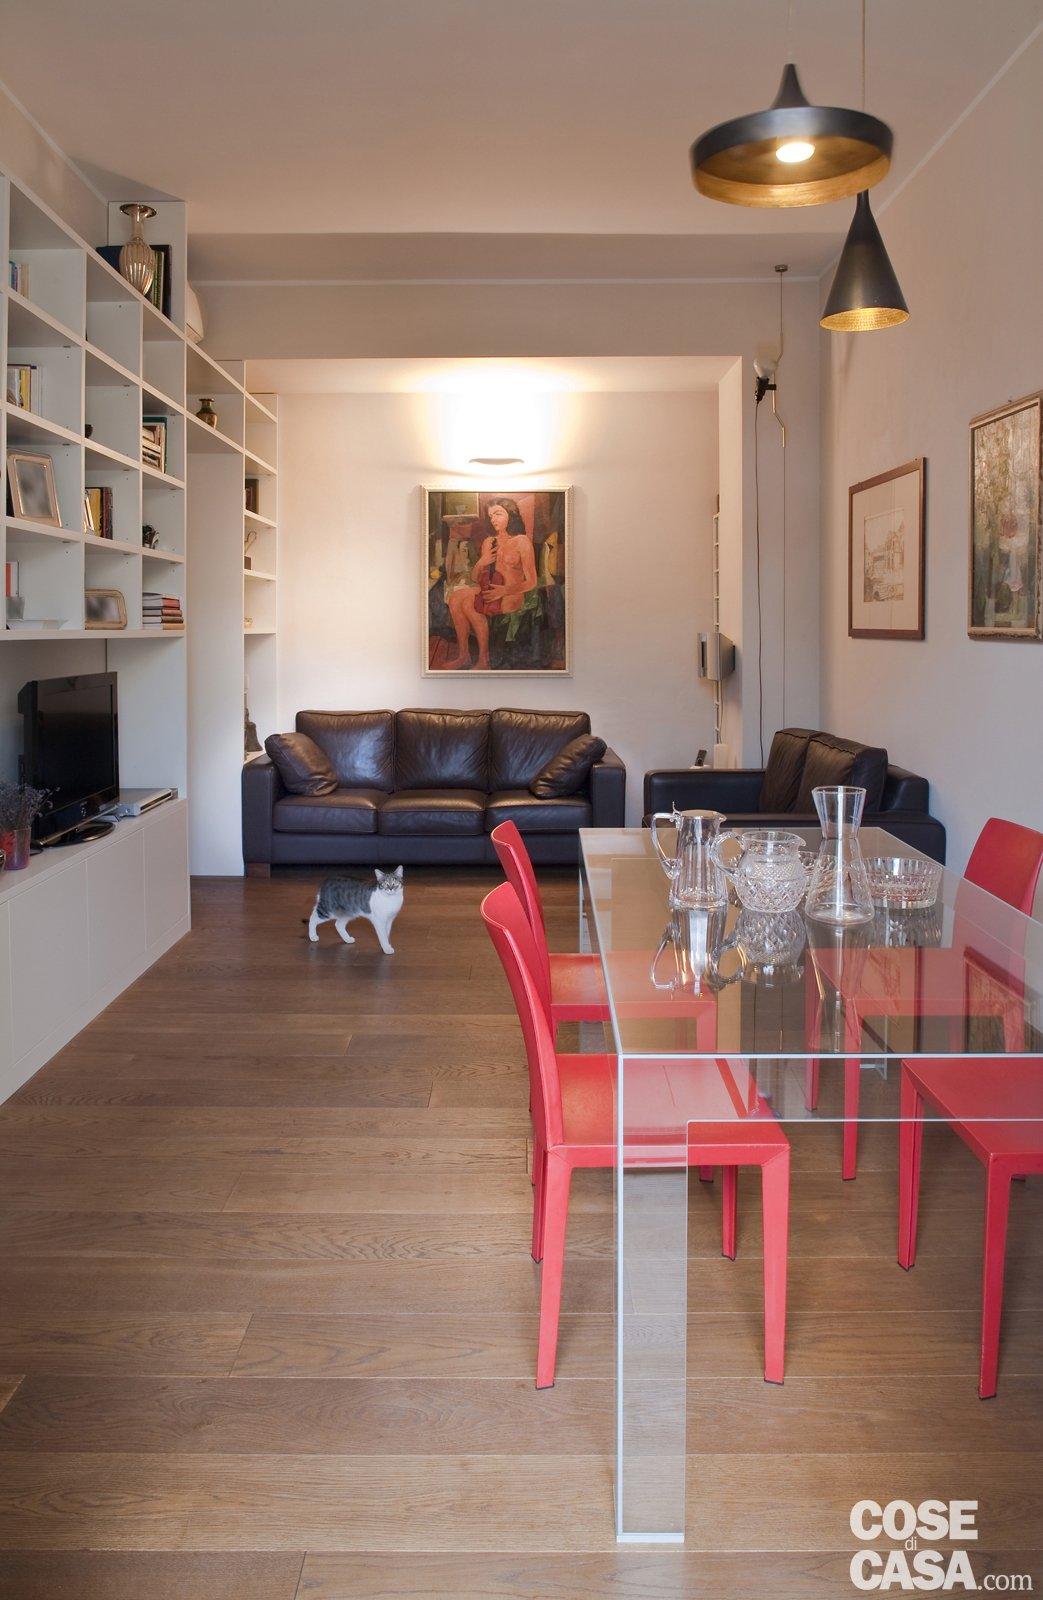 Una casa di 80 mq superfunzionali cose di casa for Foto di case